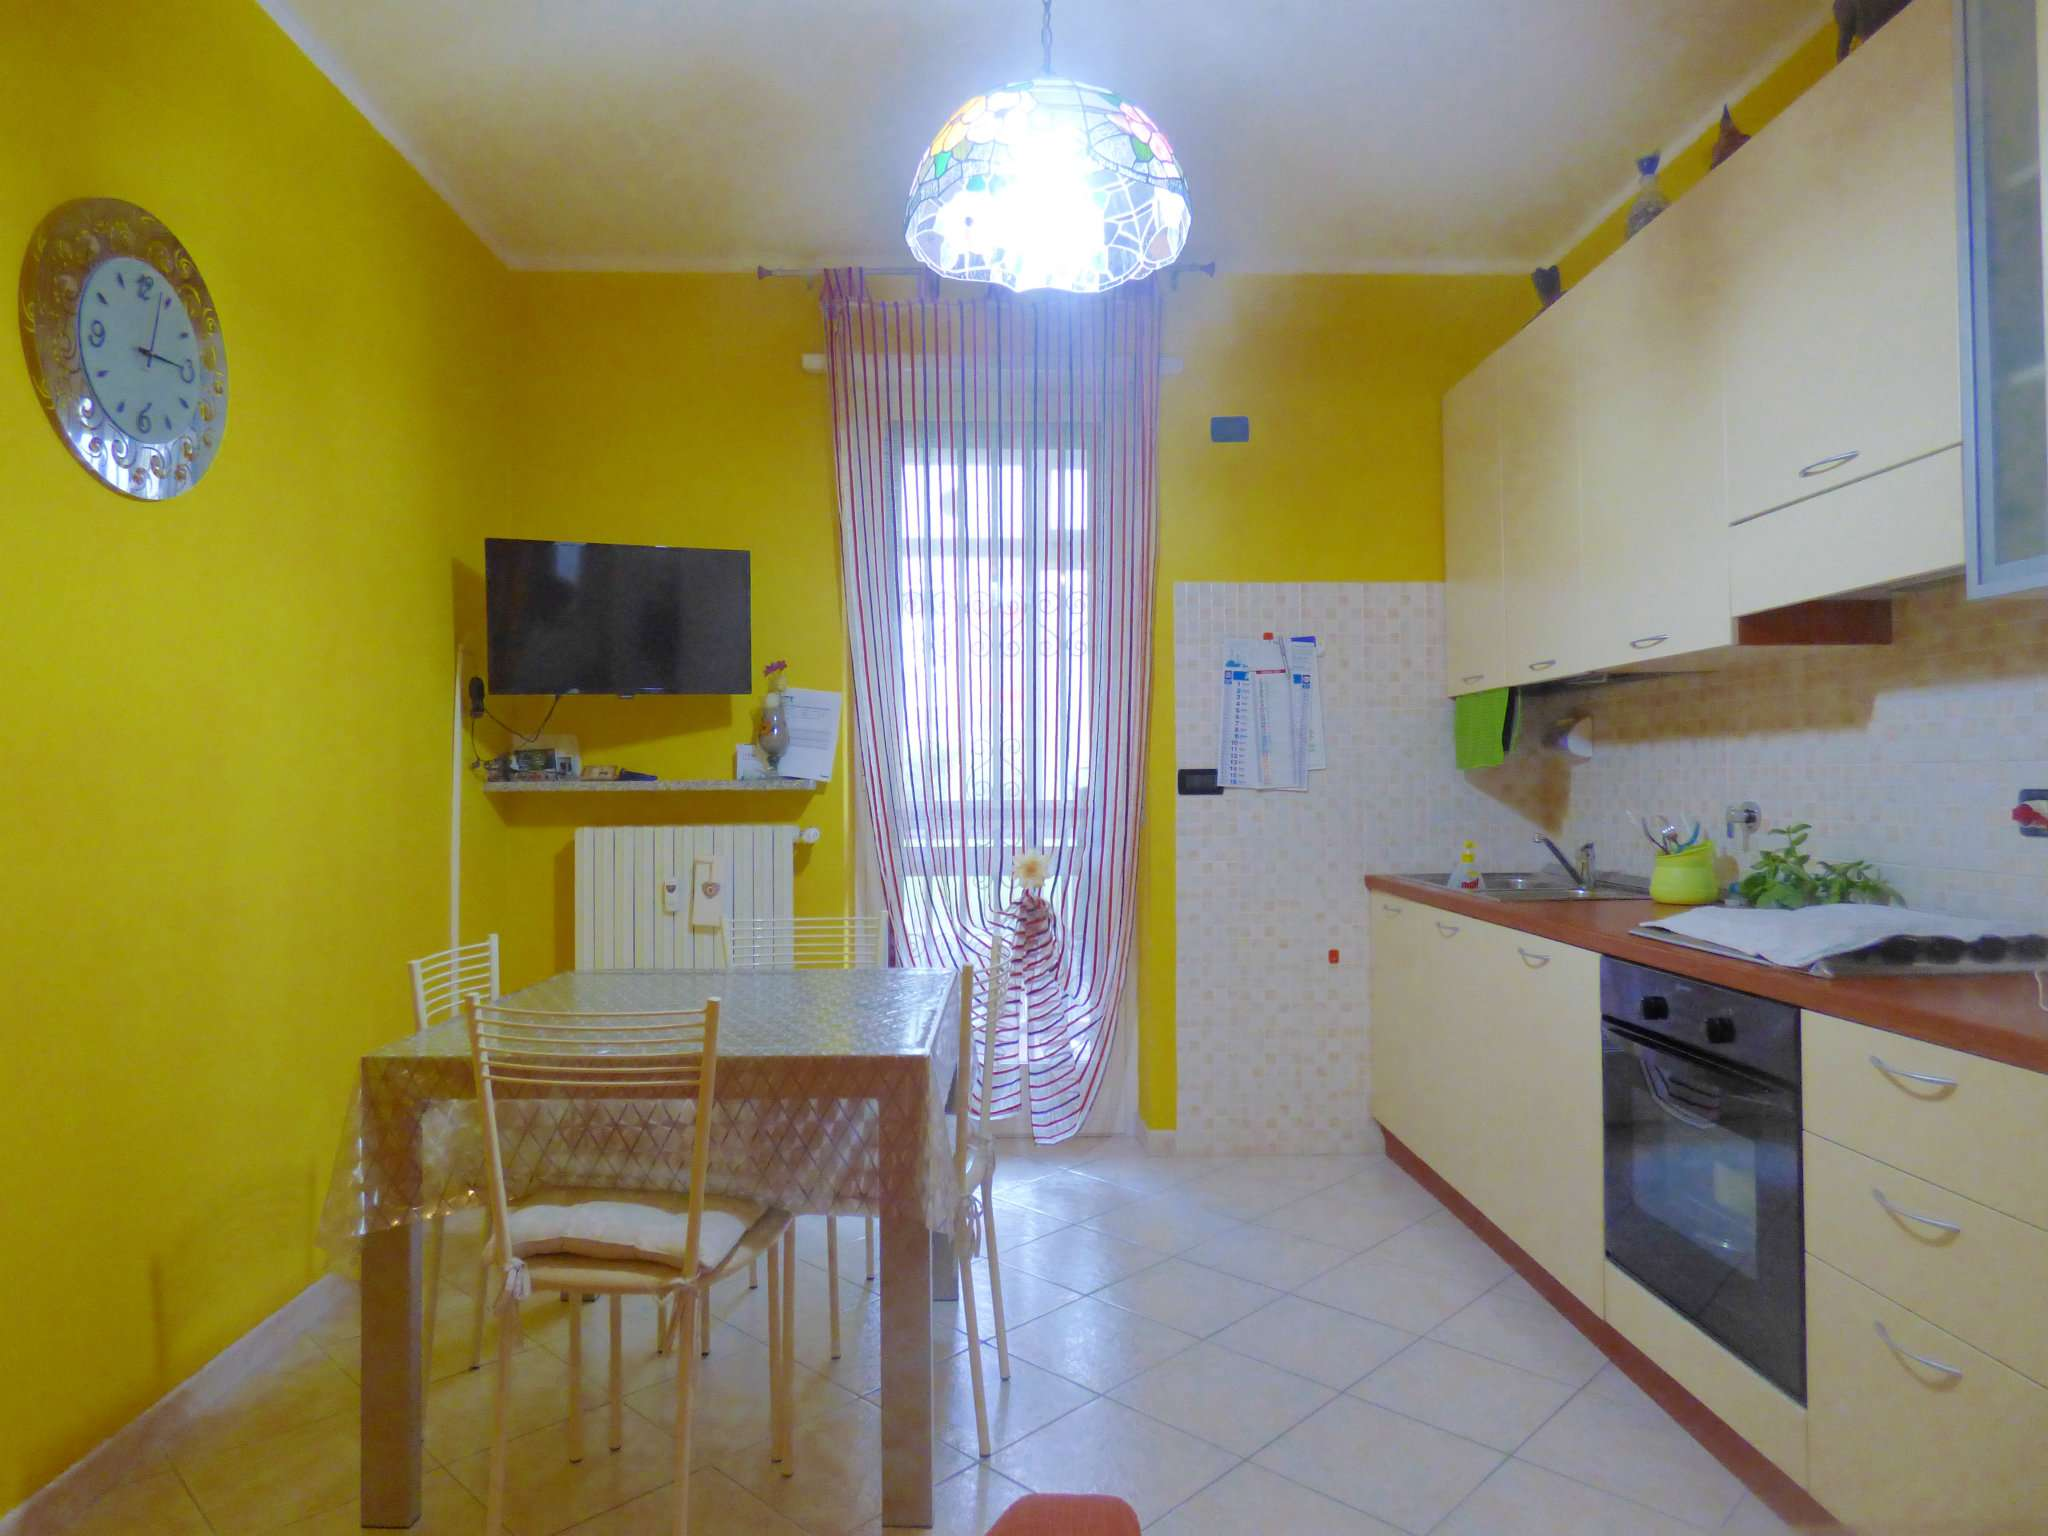 Appartamento in vendita a Borgaro Torinese, 2 locali, prezzo € 95.000 | Cambio Casa.it